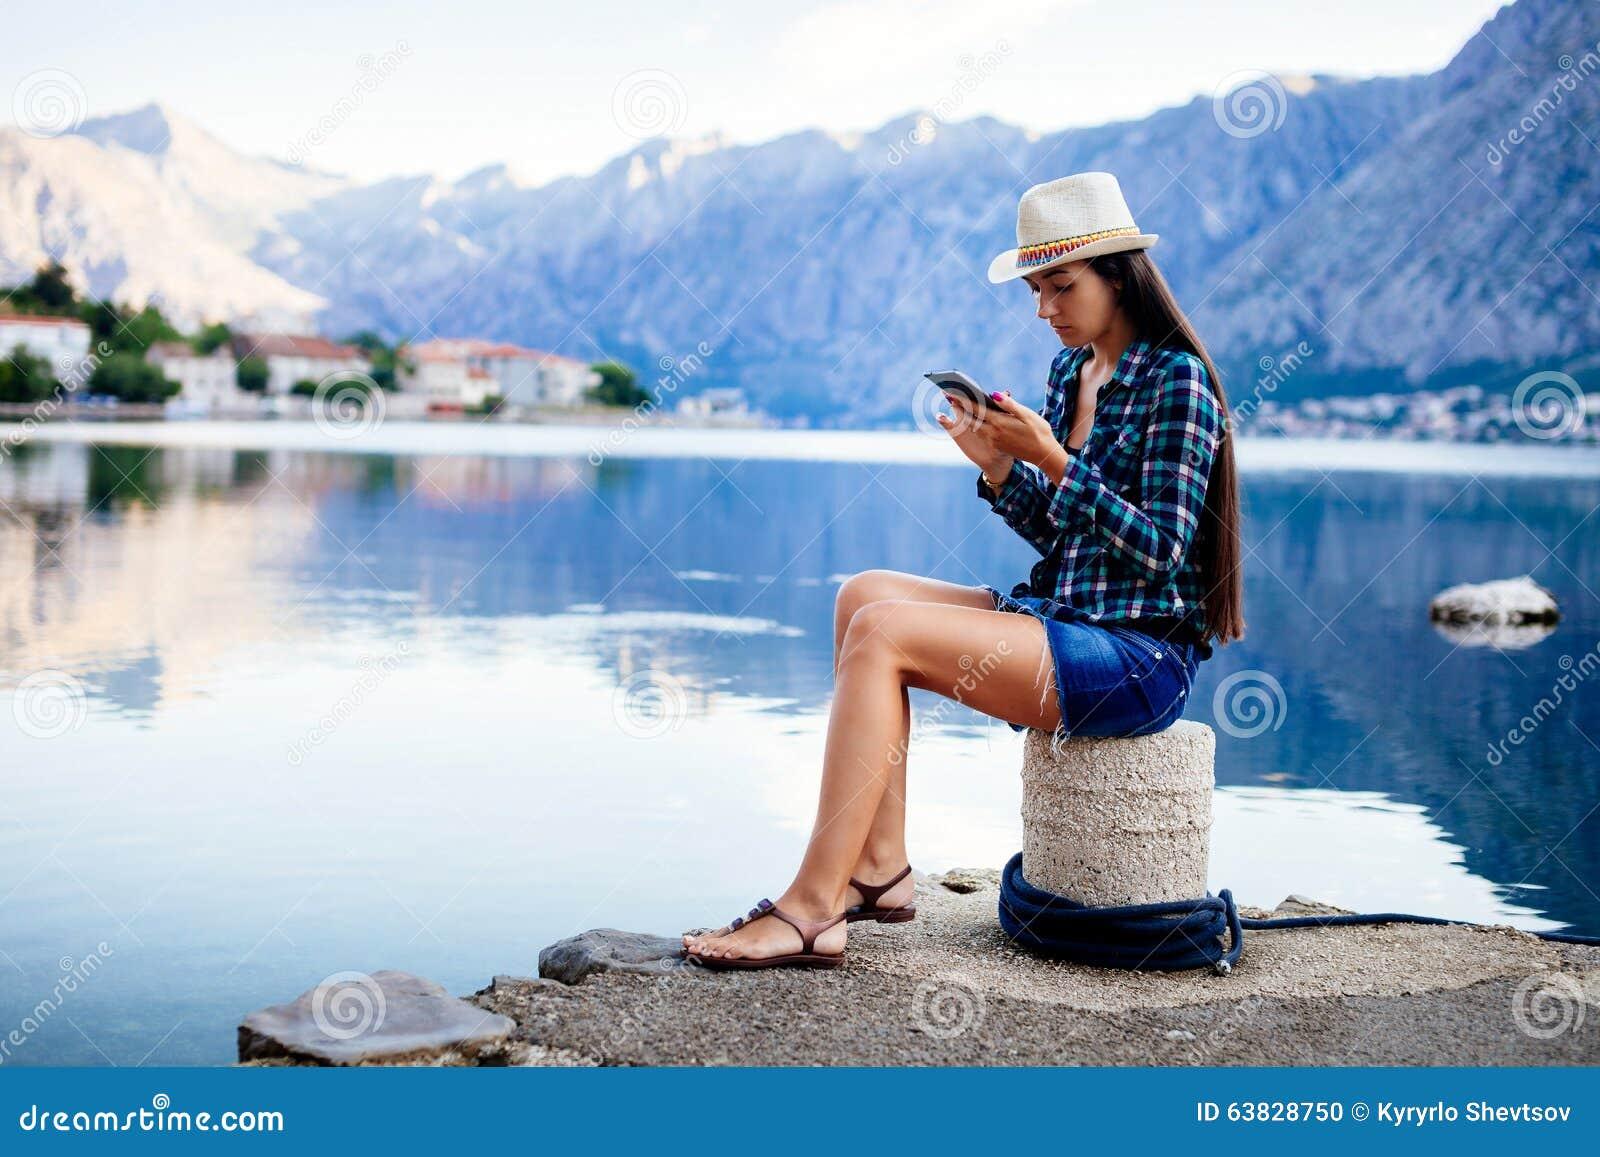 Recherche fille pour vacance